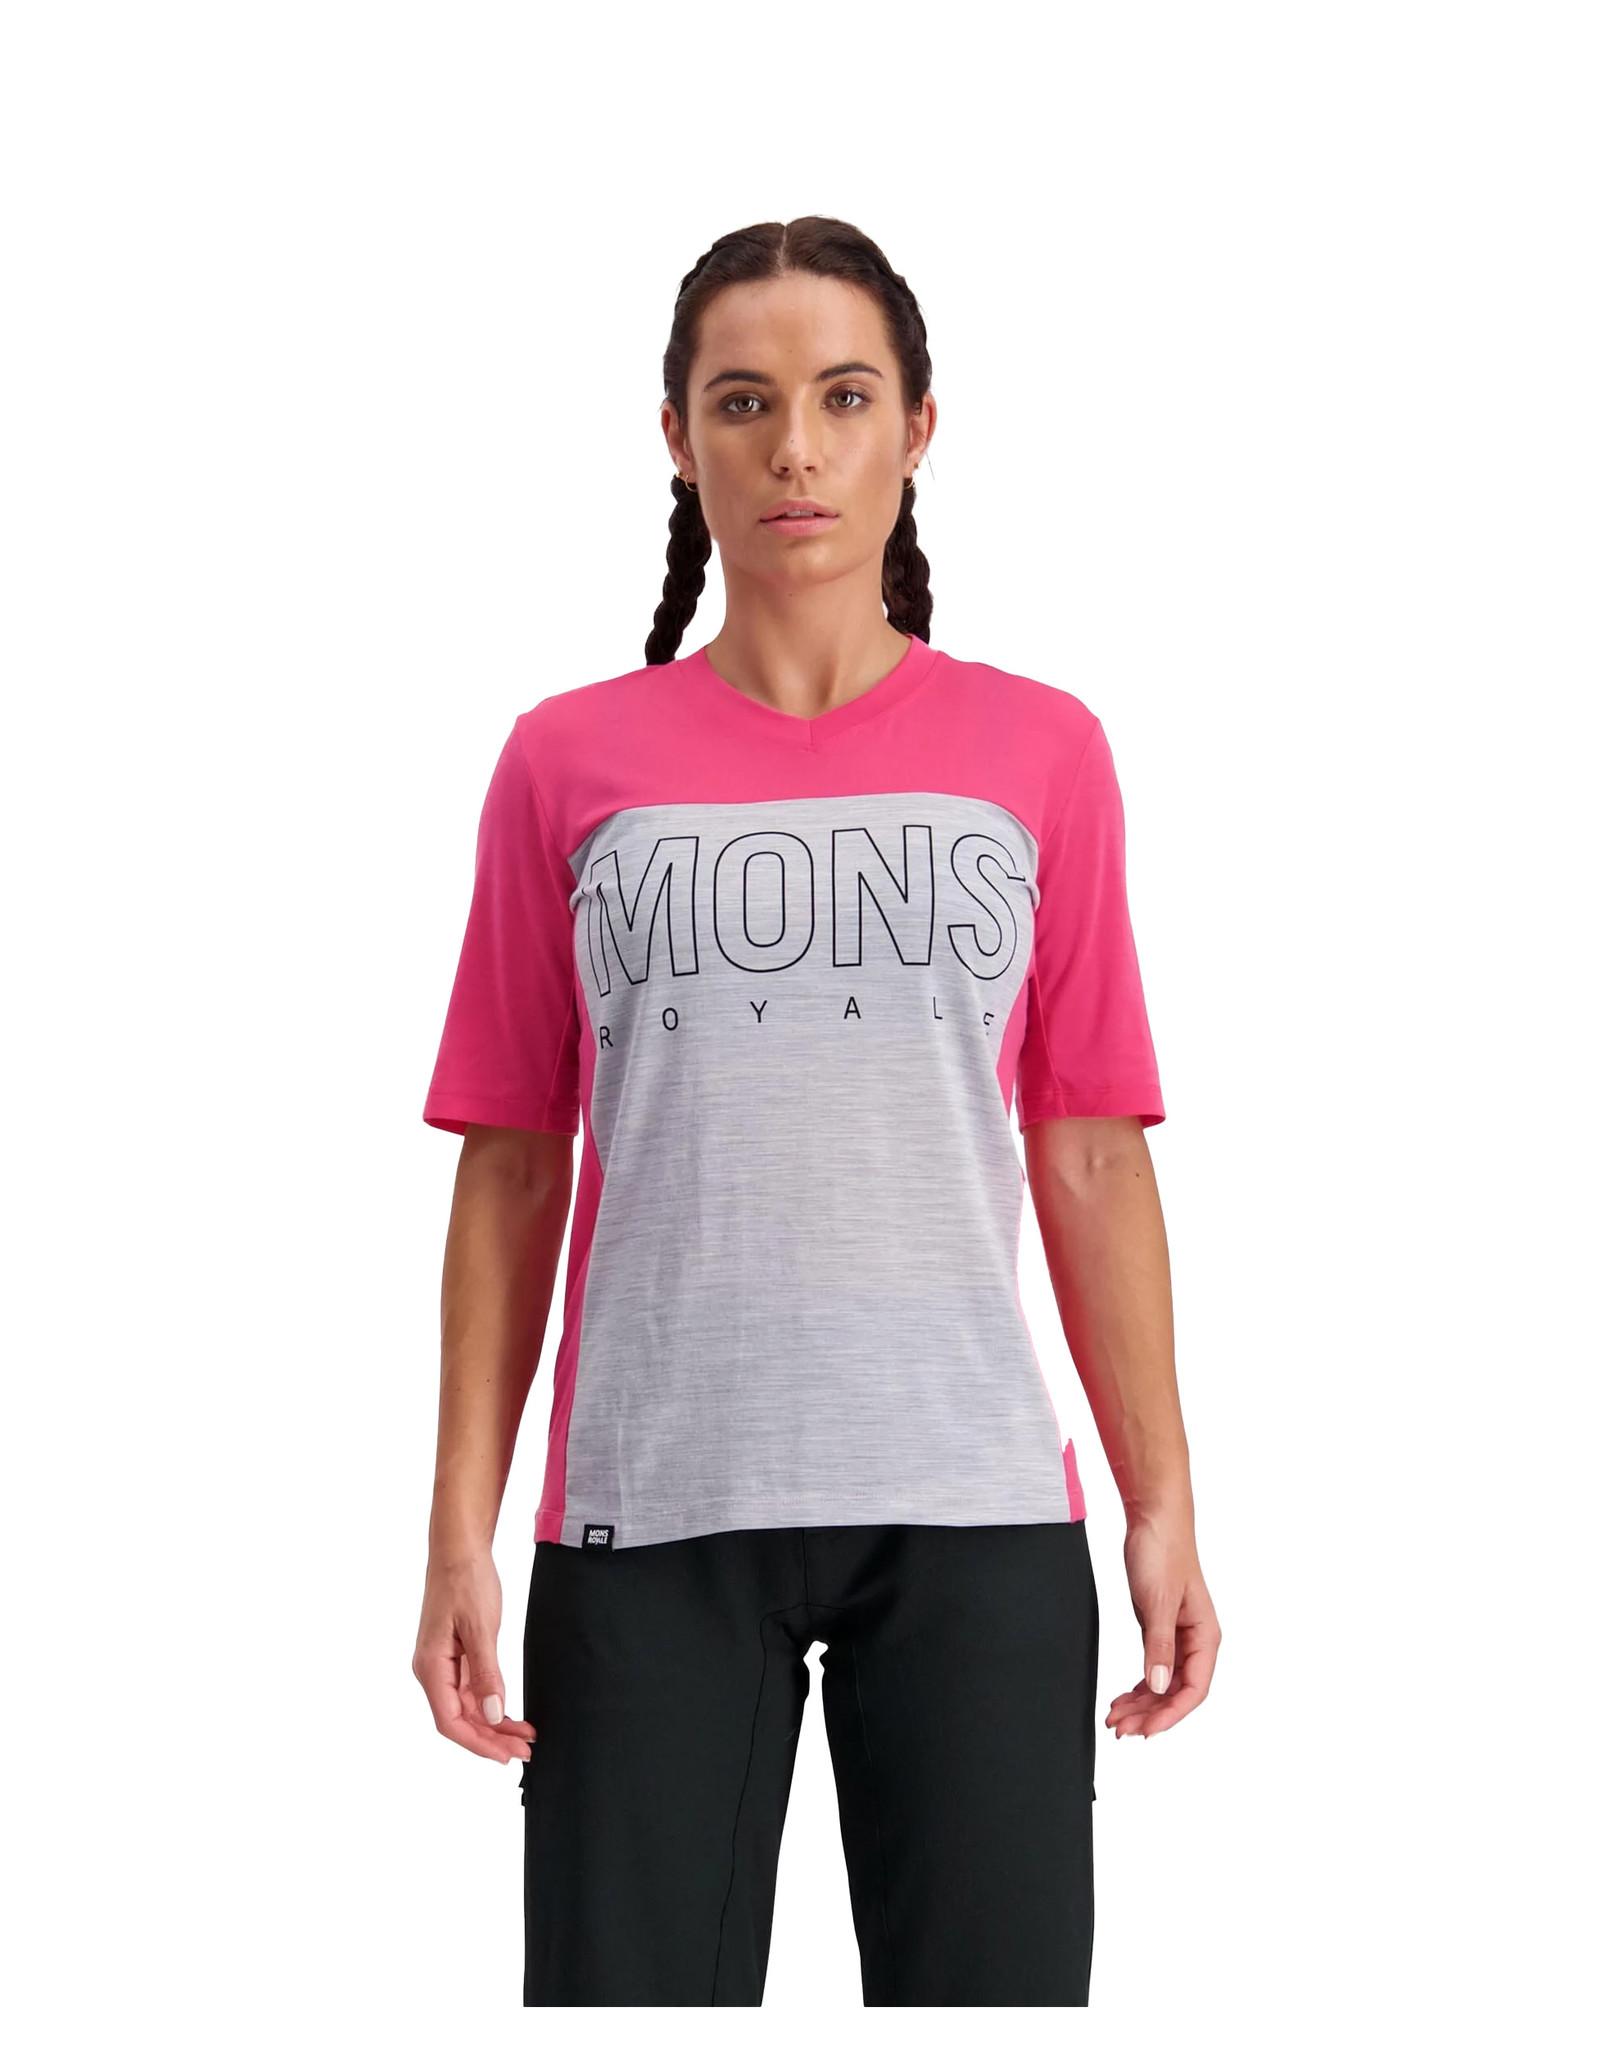 Mons Royale Maillot Mons Royale Phoenix Enduro VT Femme